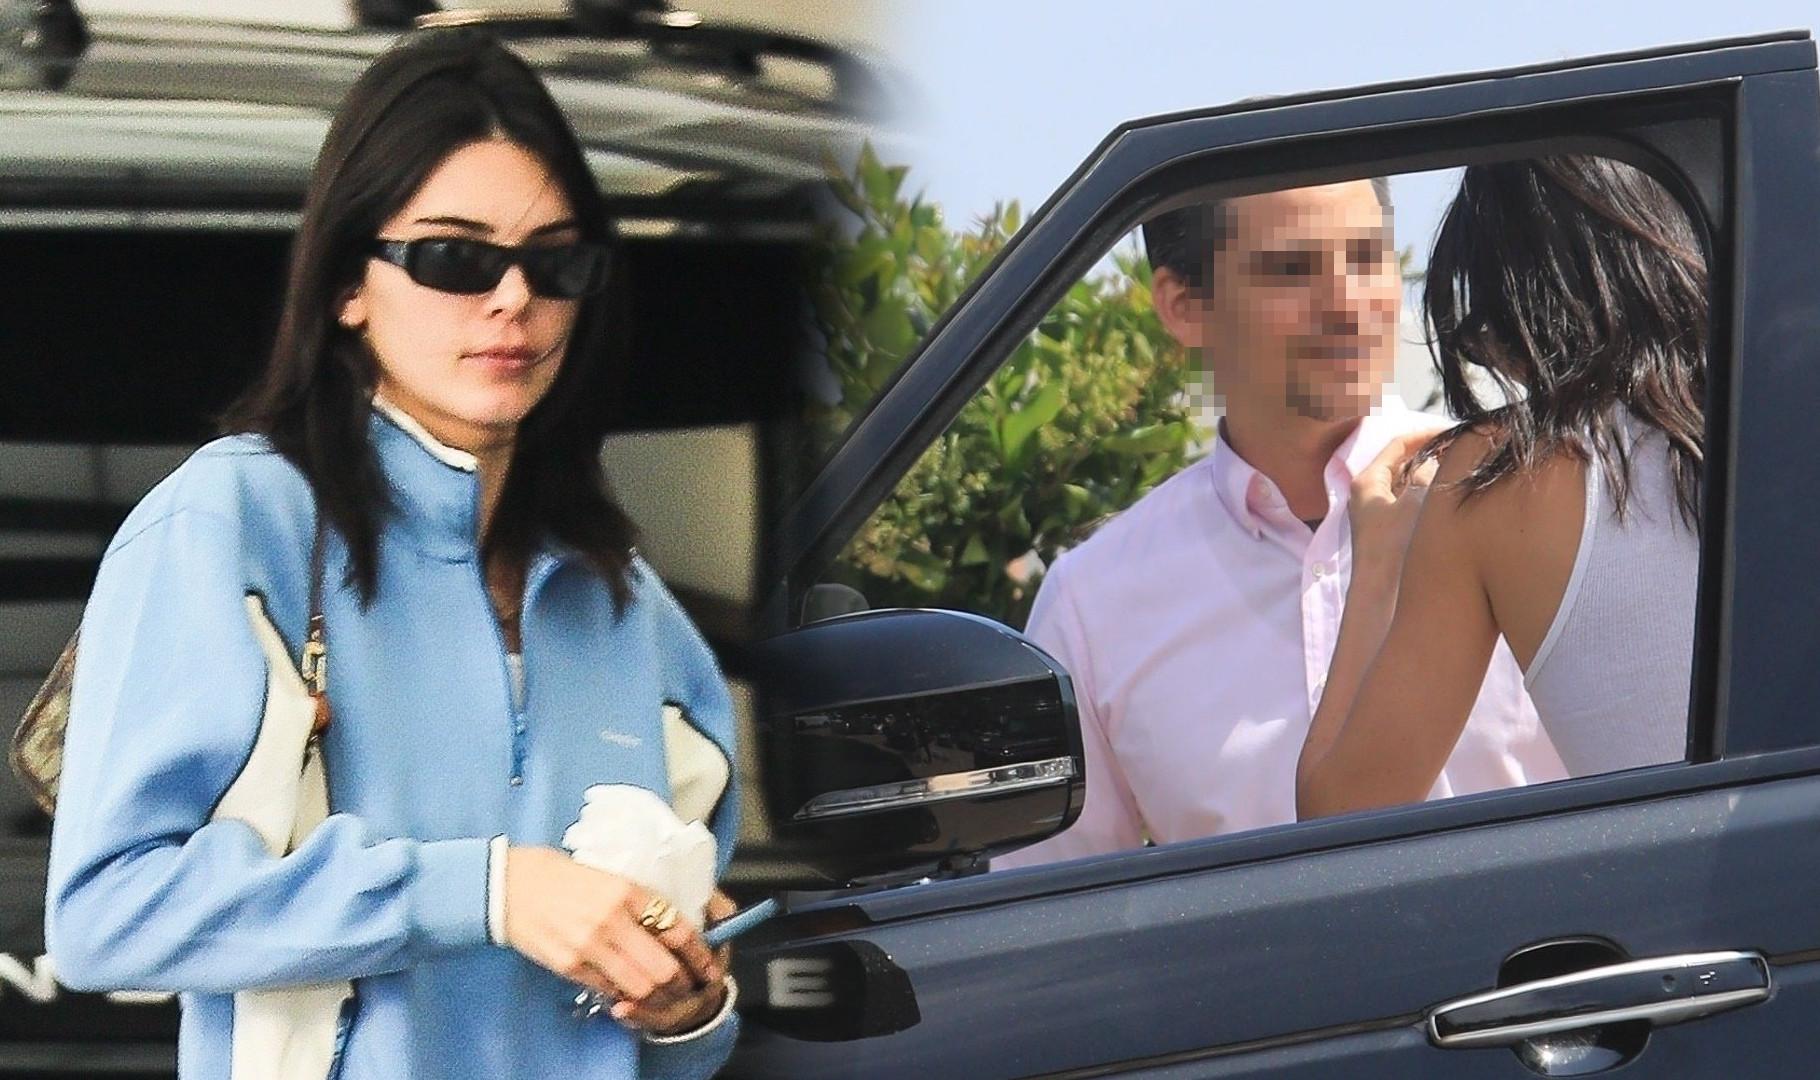 Karygodne zachowanie Kendall Jenner na parkingu (ZDJĘCIA)